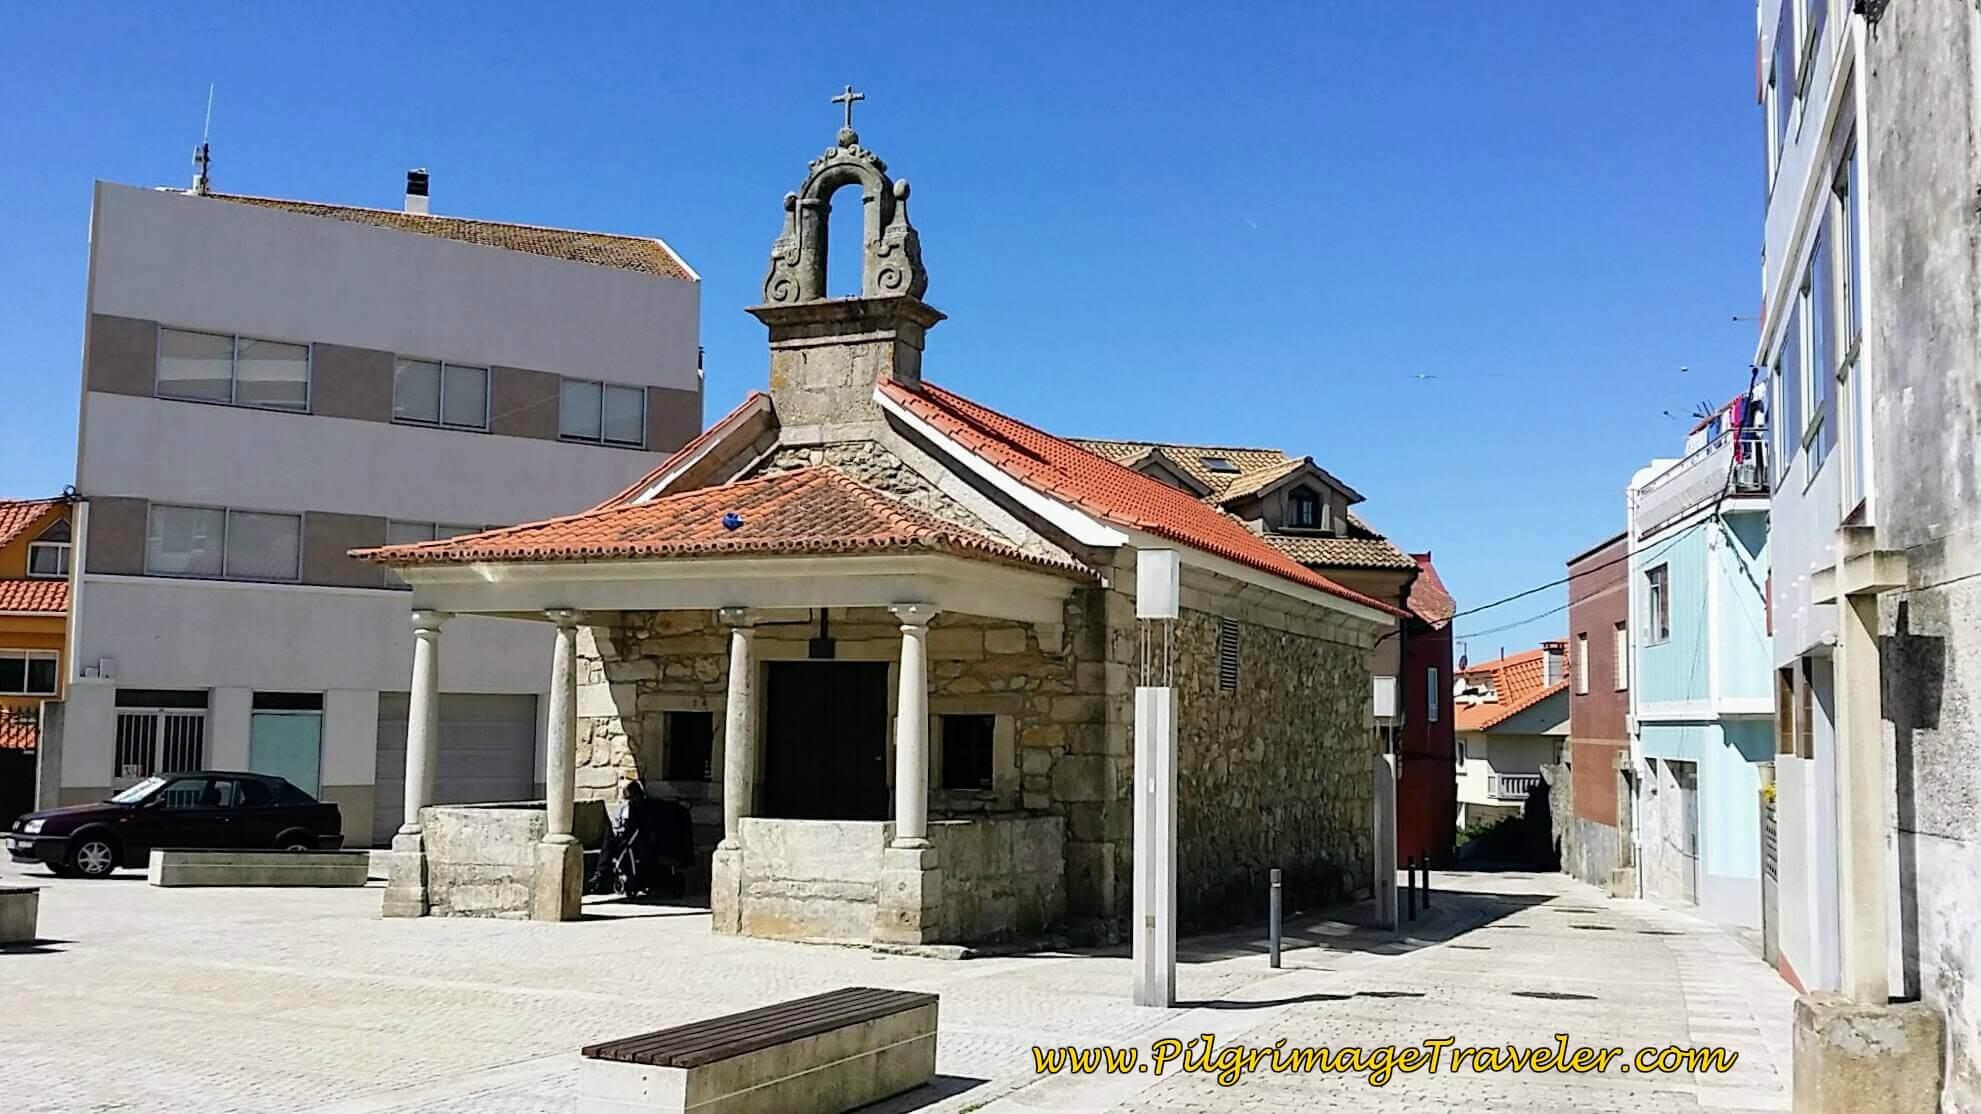 Capilla Virgen De La Guía in A Guarda on Day Nineteen of the Portuguese Way